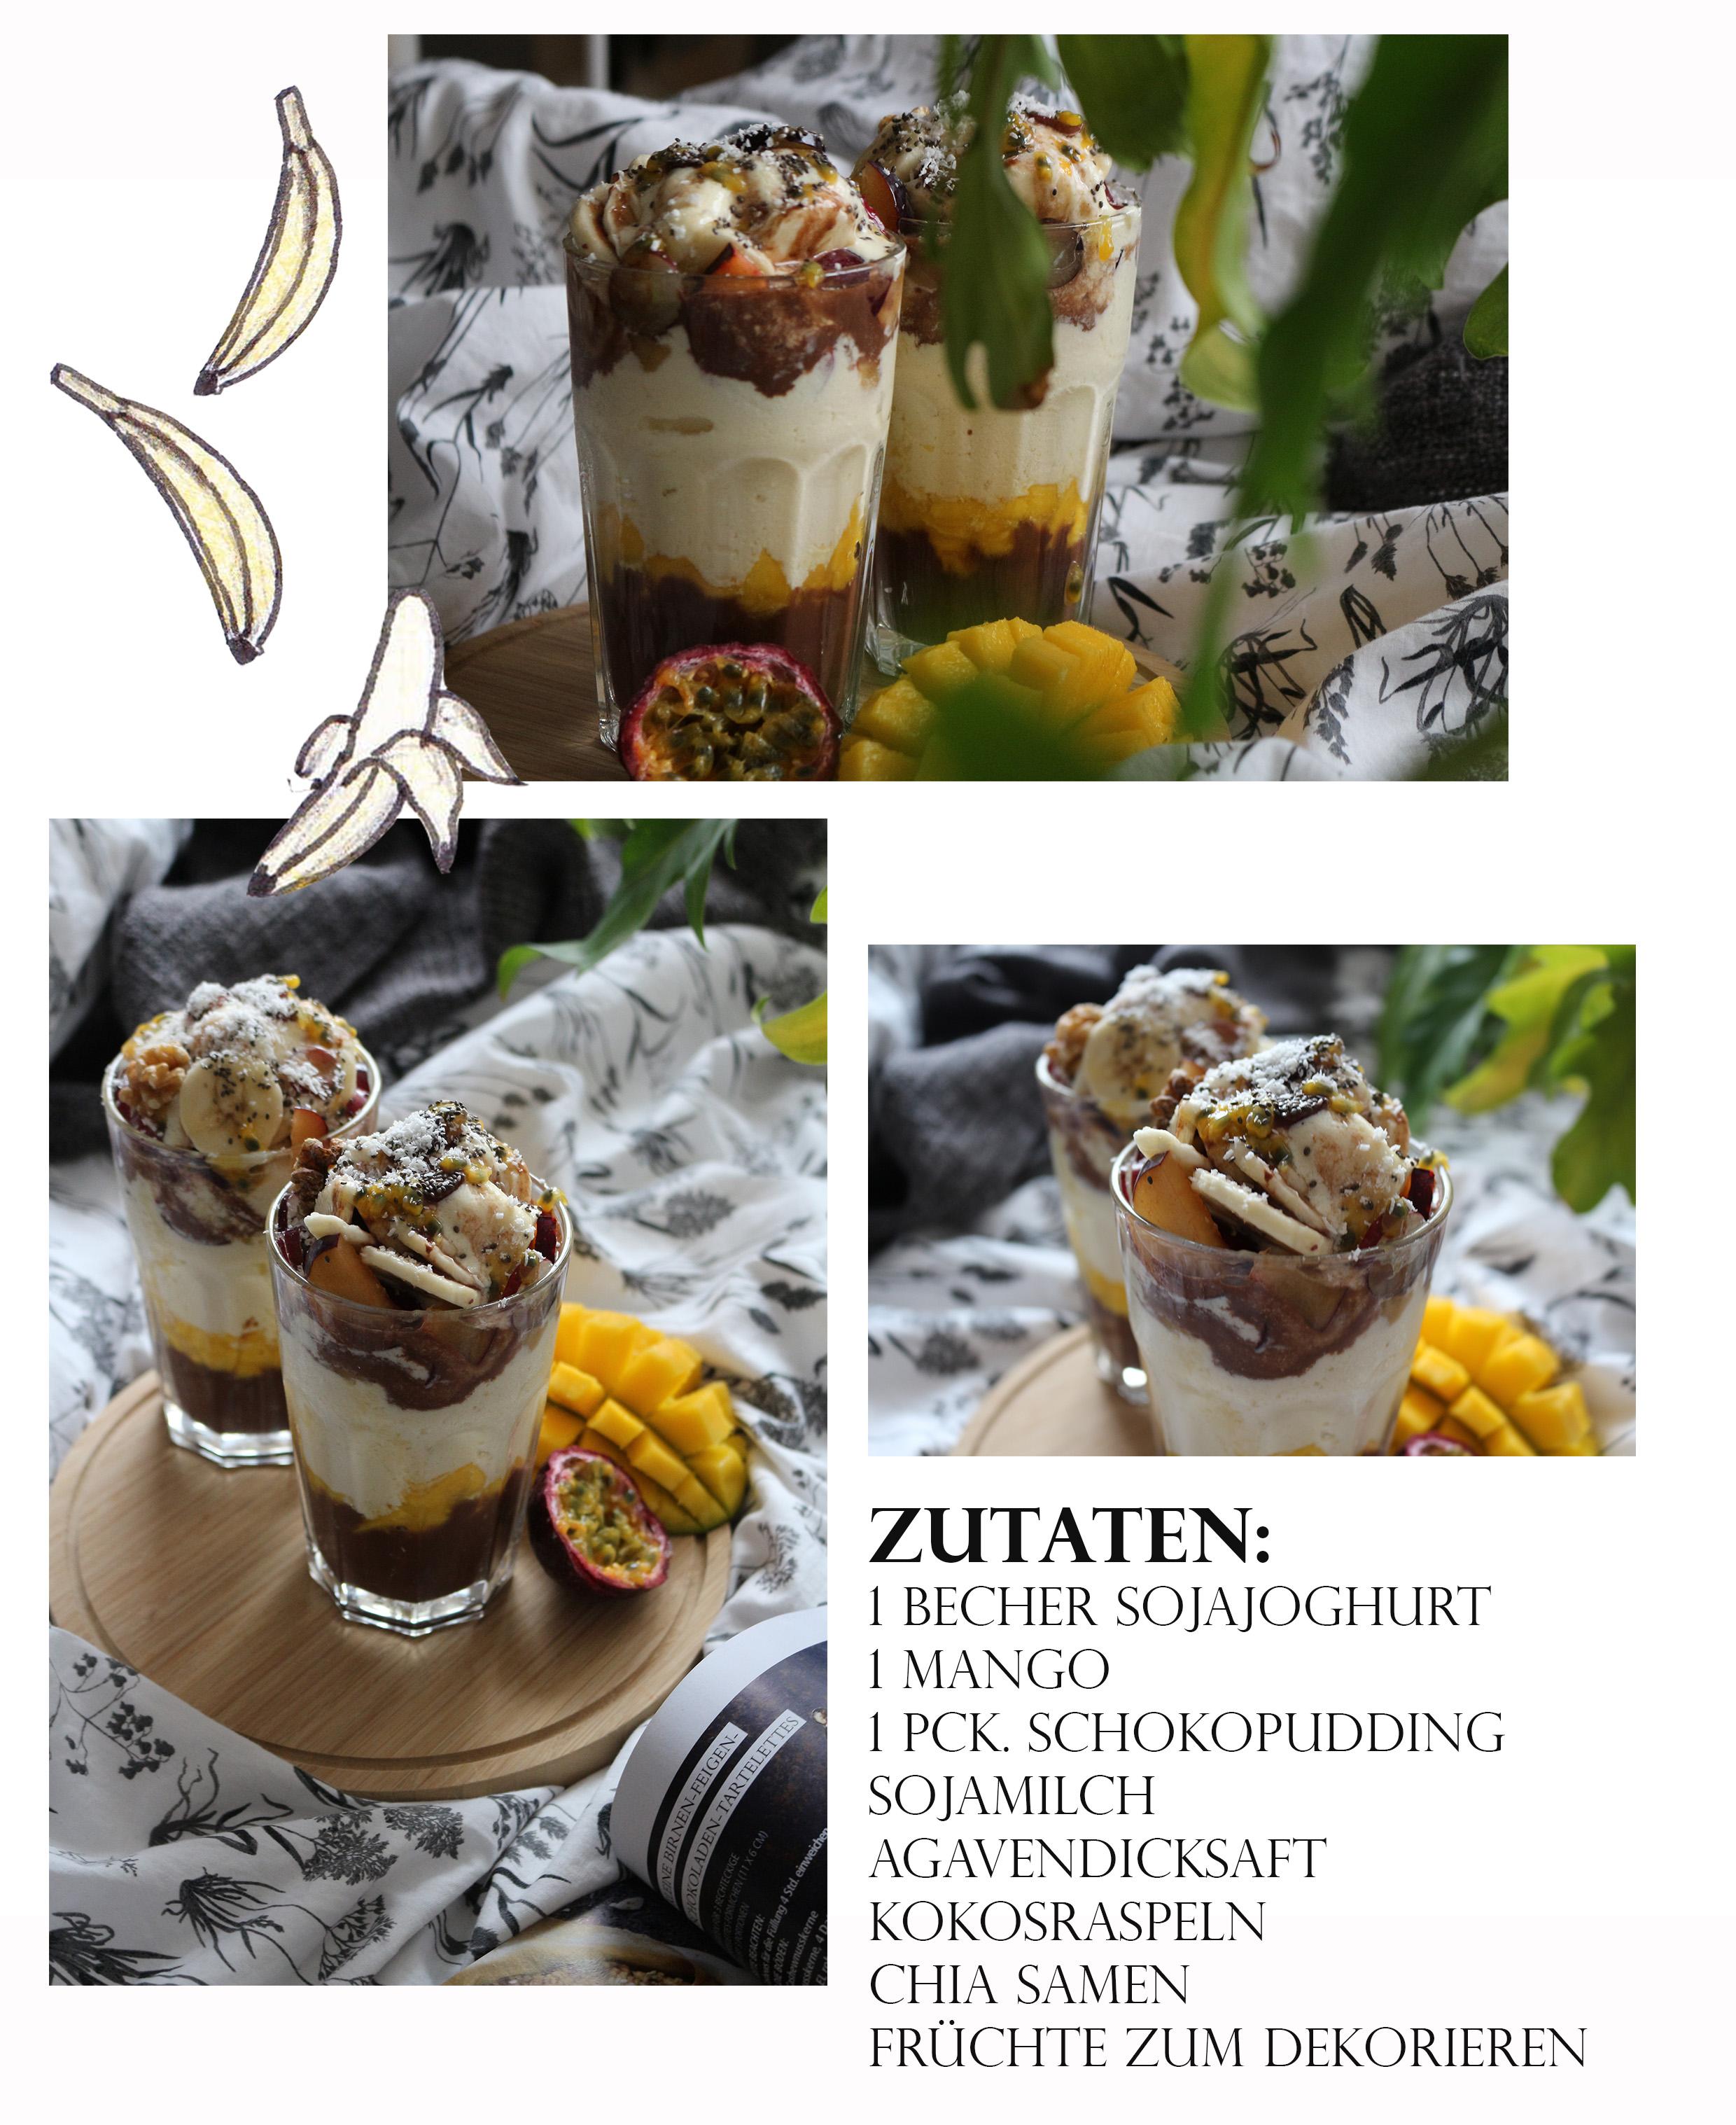 frozenjoghurt_2